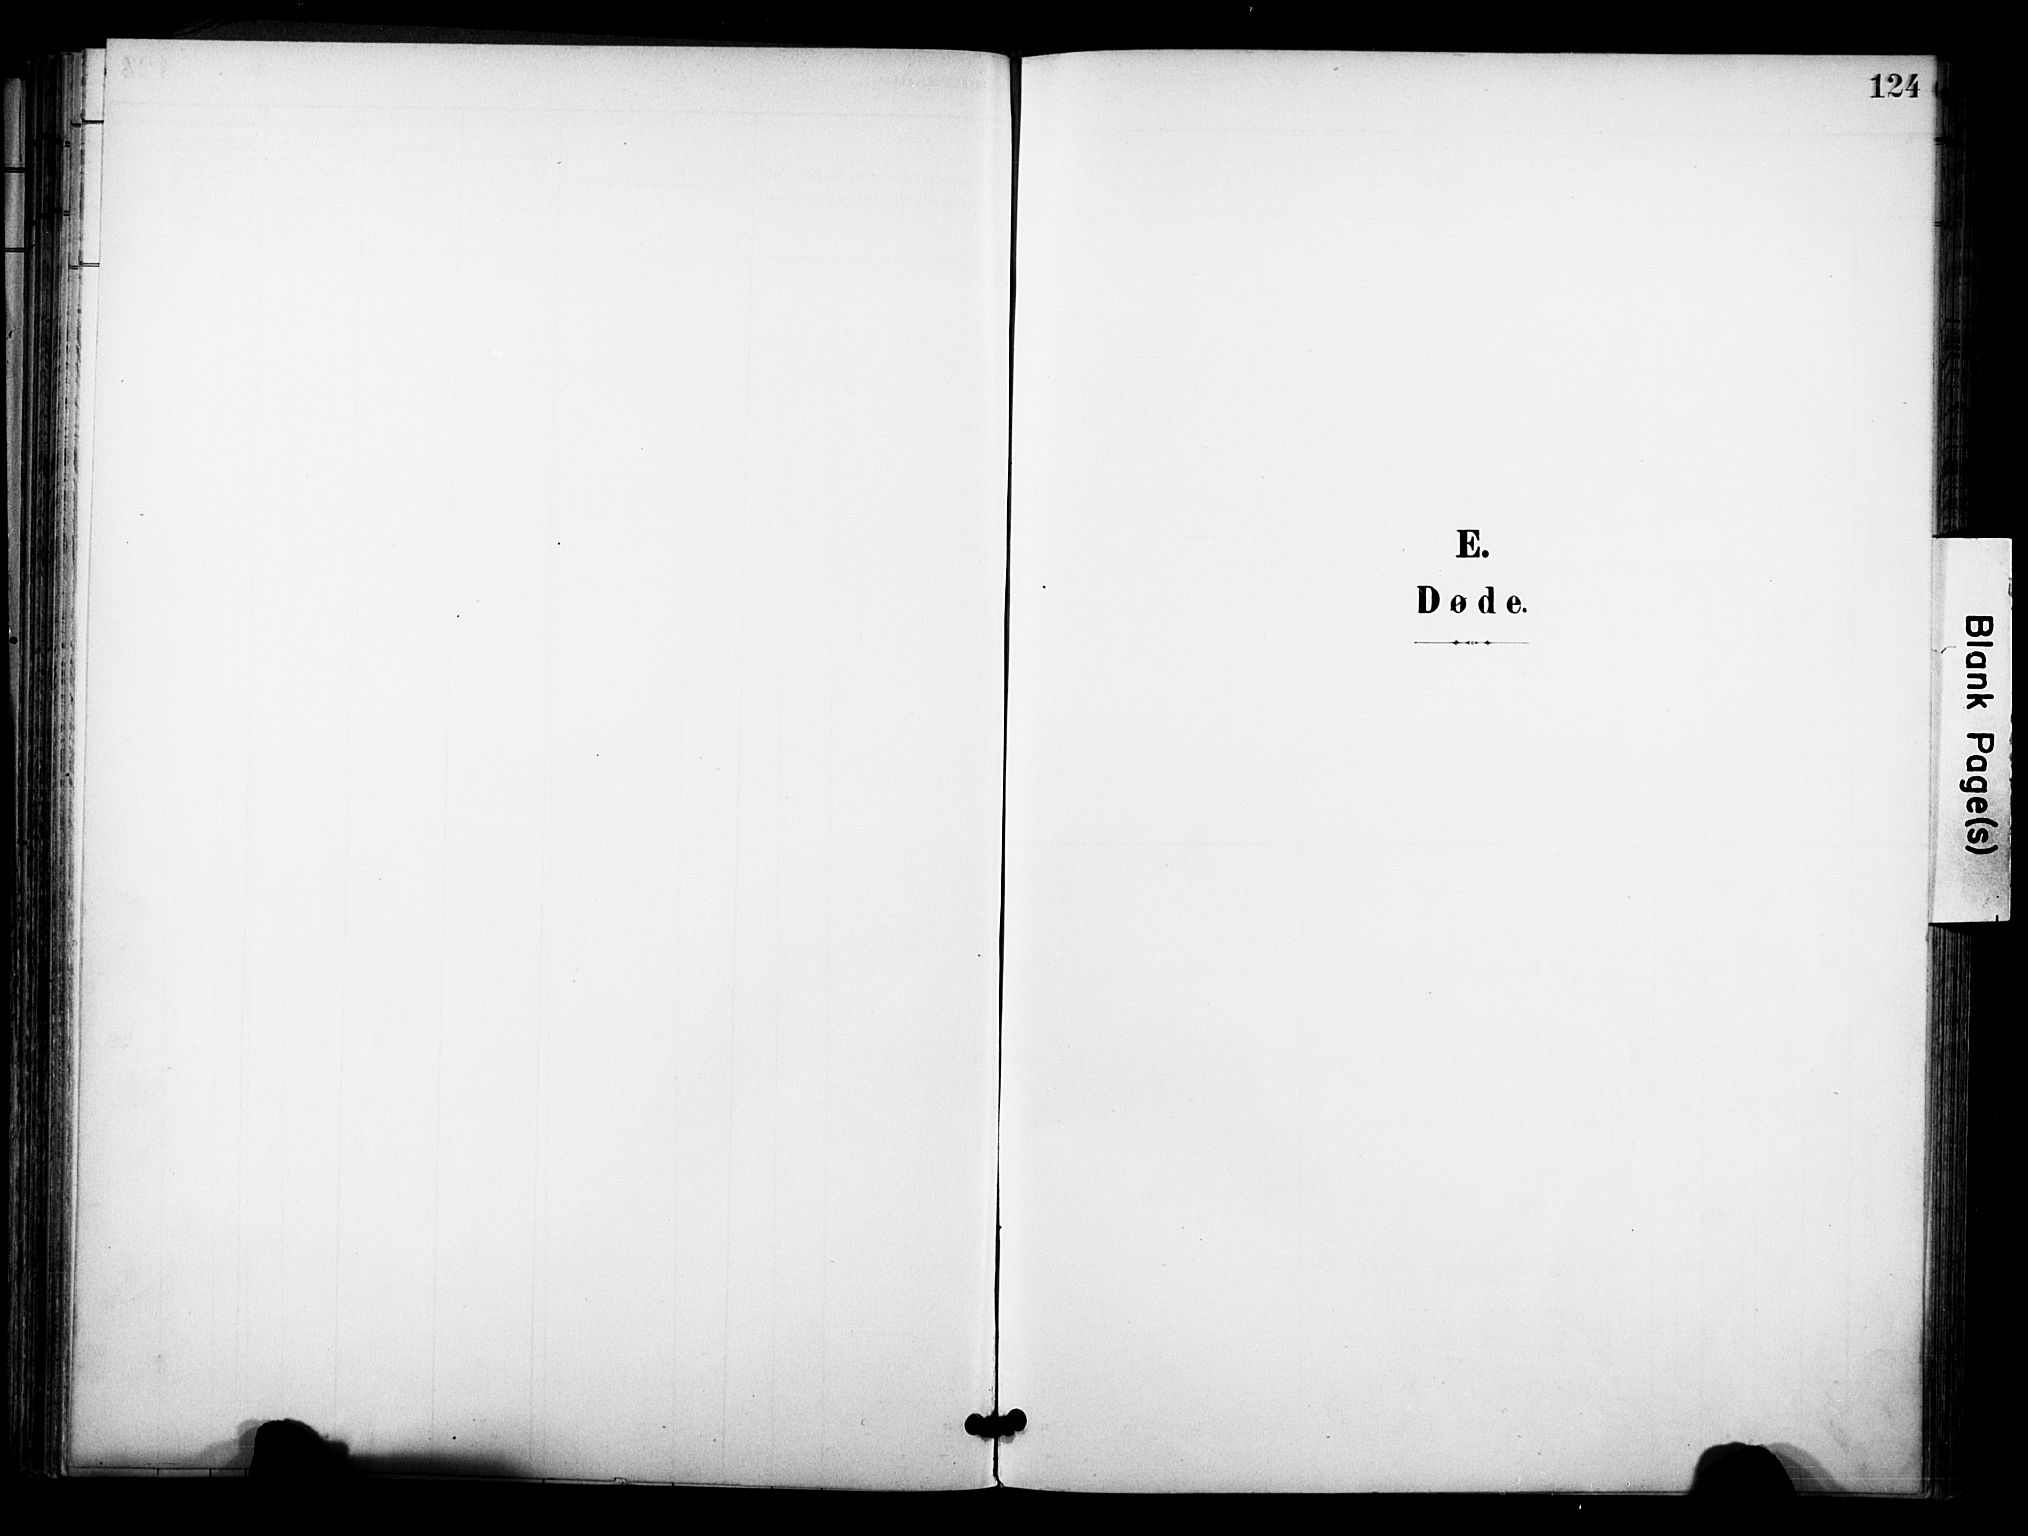 SAKO, Bø kirkebøker, F/Fa/L0012: Ministerialbok nr. 12, 1900-1908, s. 124